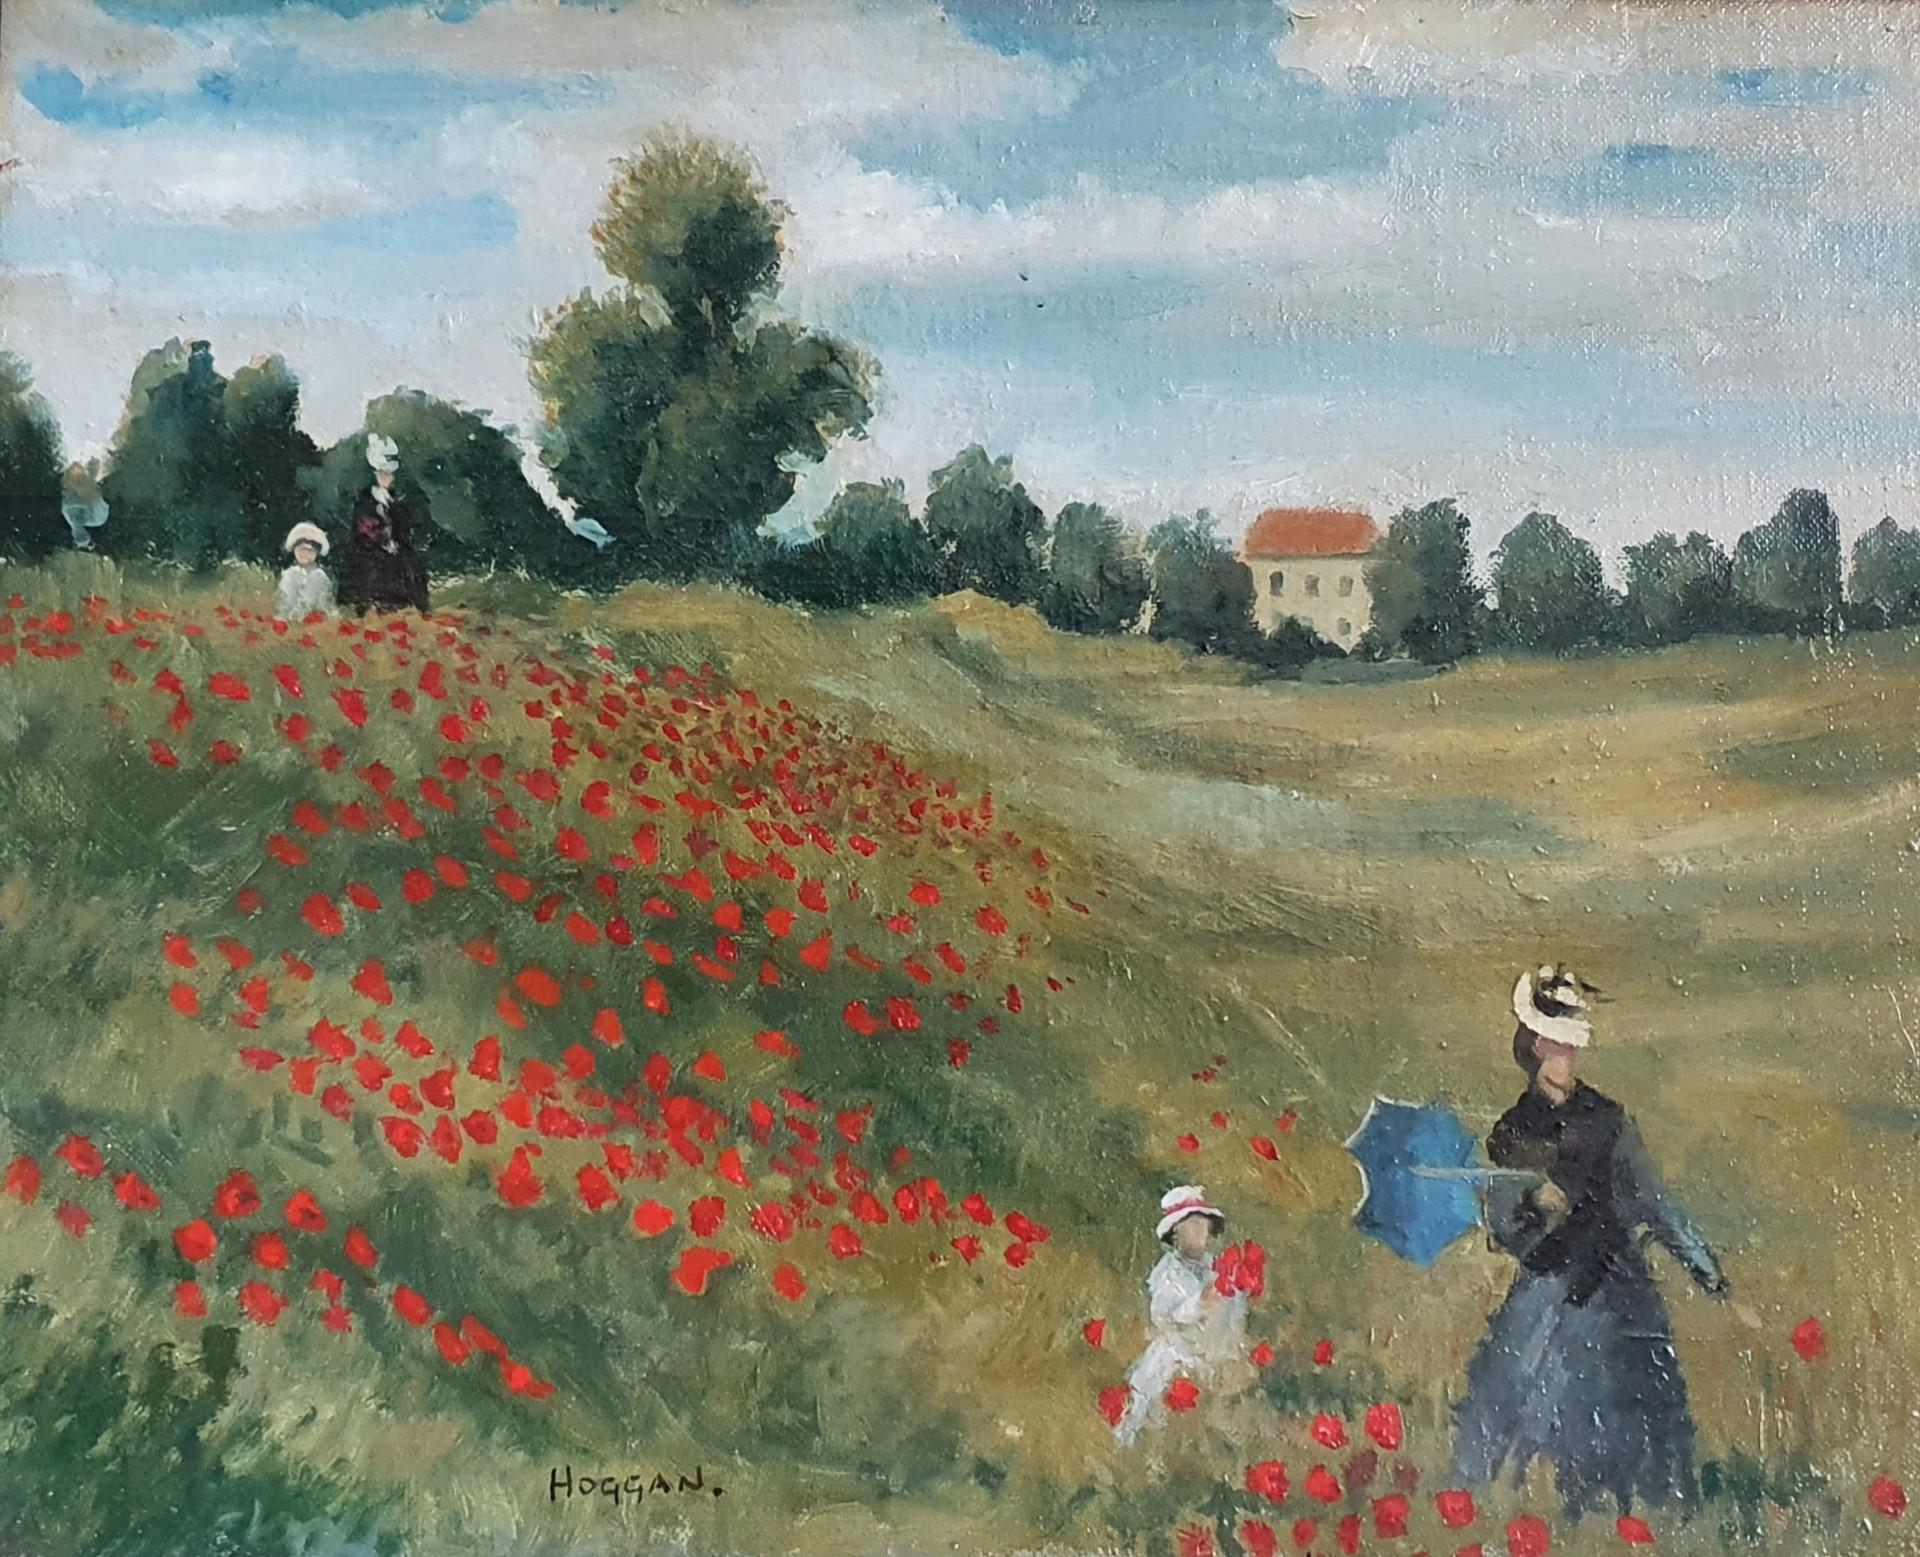 Monet's Poppy Fields - Jack Vettriano (1951 - )